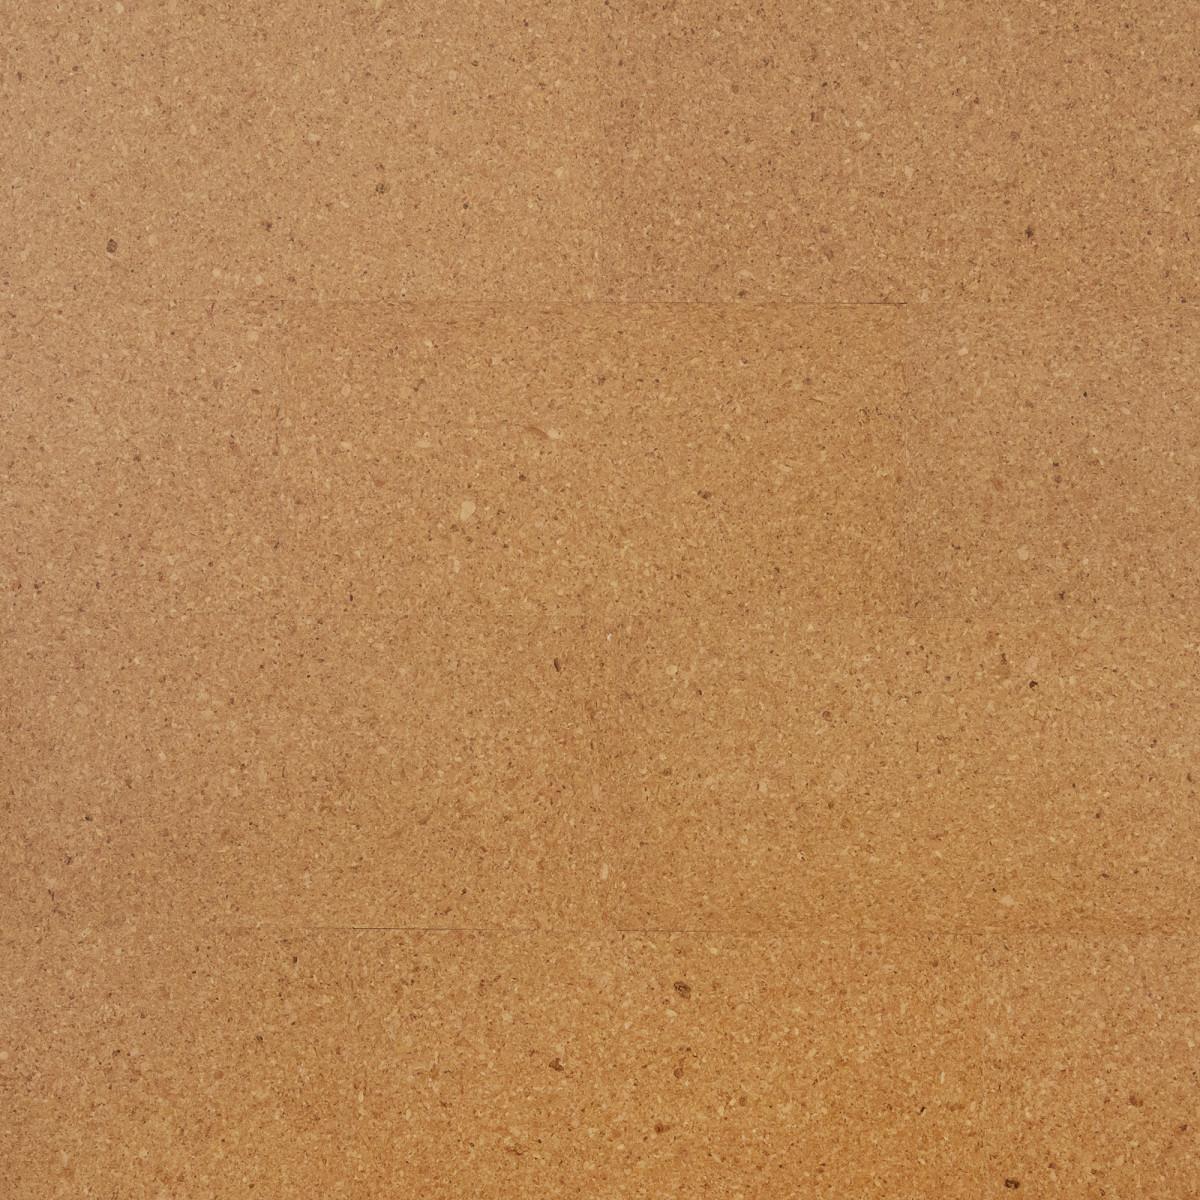 Пробковая доска клеевая Кофе 1.8 м²